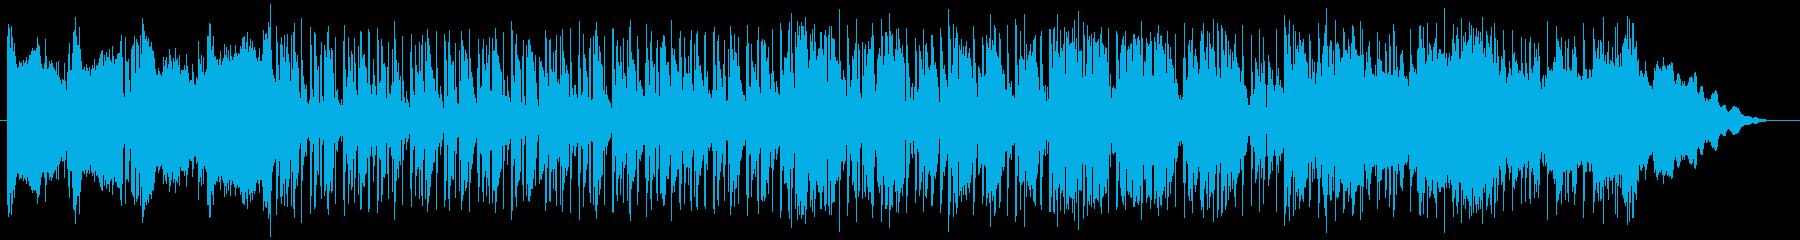 クールで緩やかなエレキサウンドの再生済みの波形